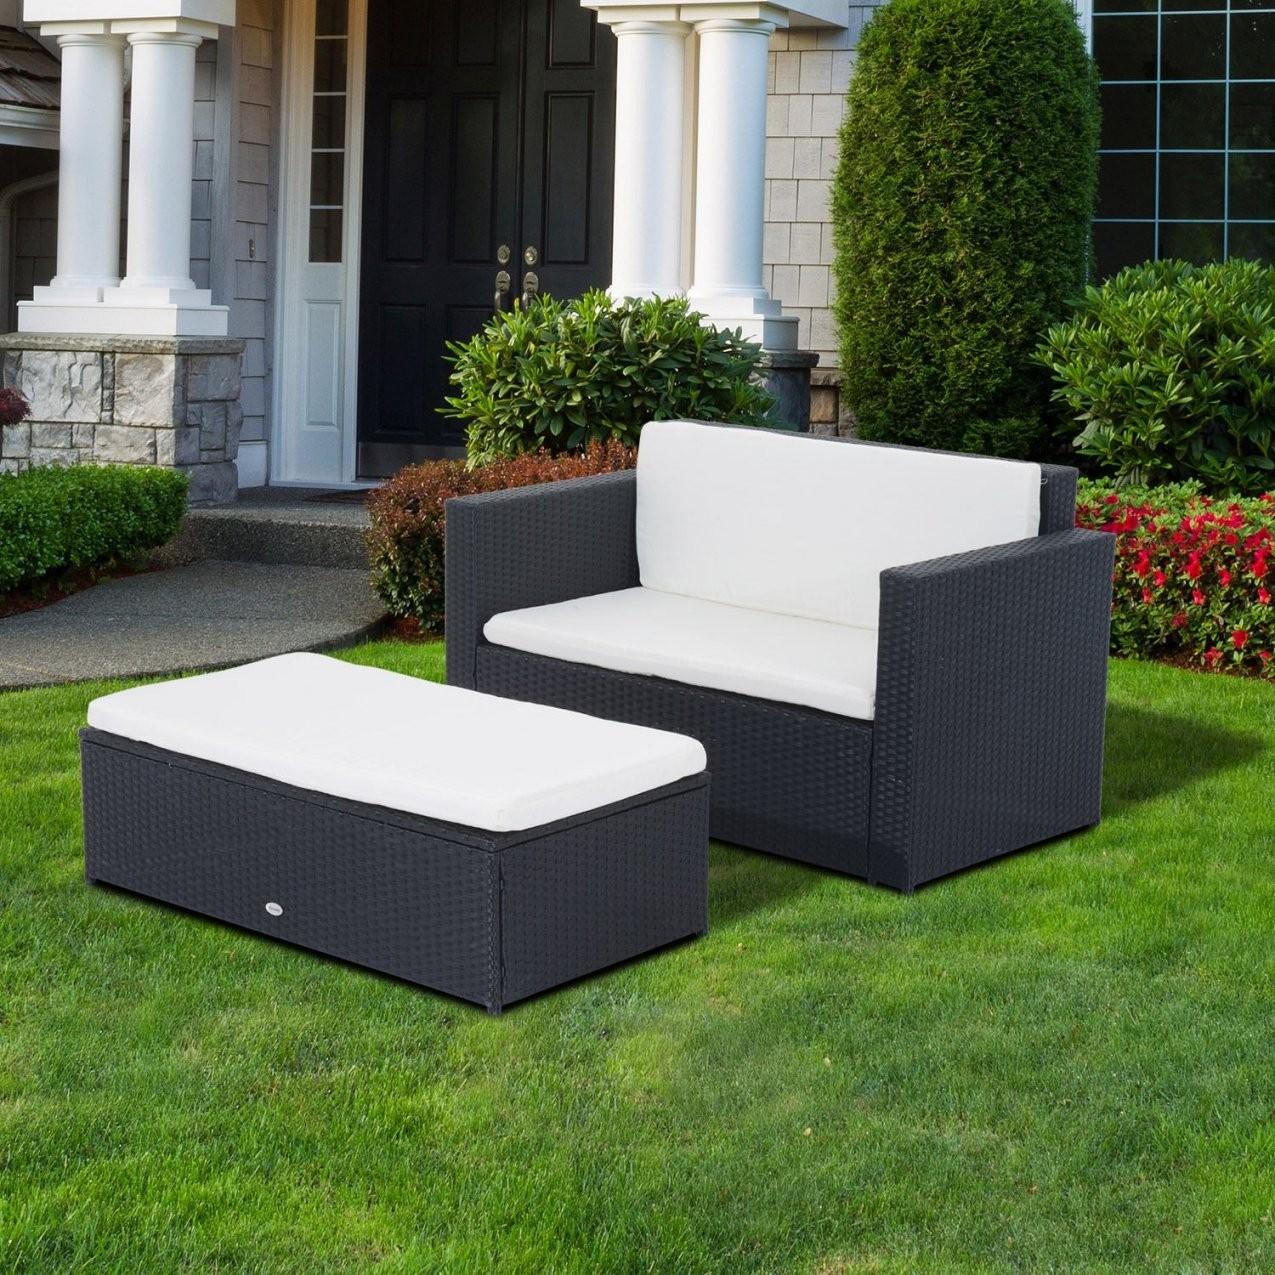 Polyrattan Gartenmöbel Doppelsofa Relaxlounge Mit Fußbank Schwarz von Polyrattan Sofa 2 Sitzer Bild